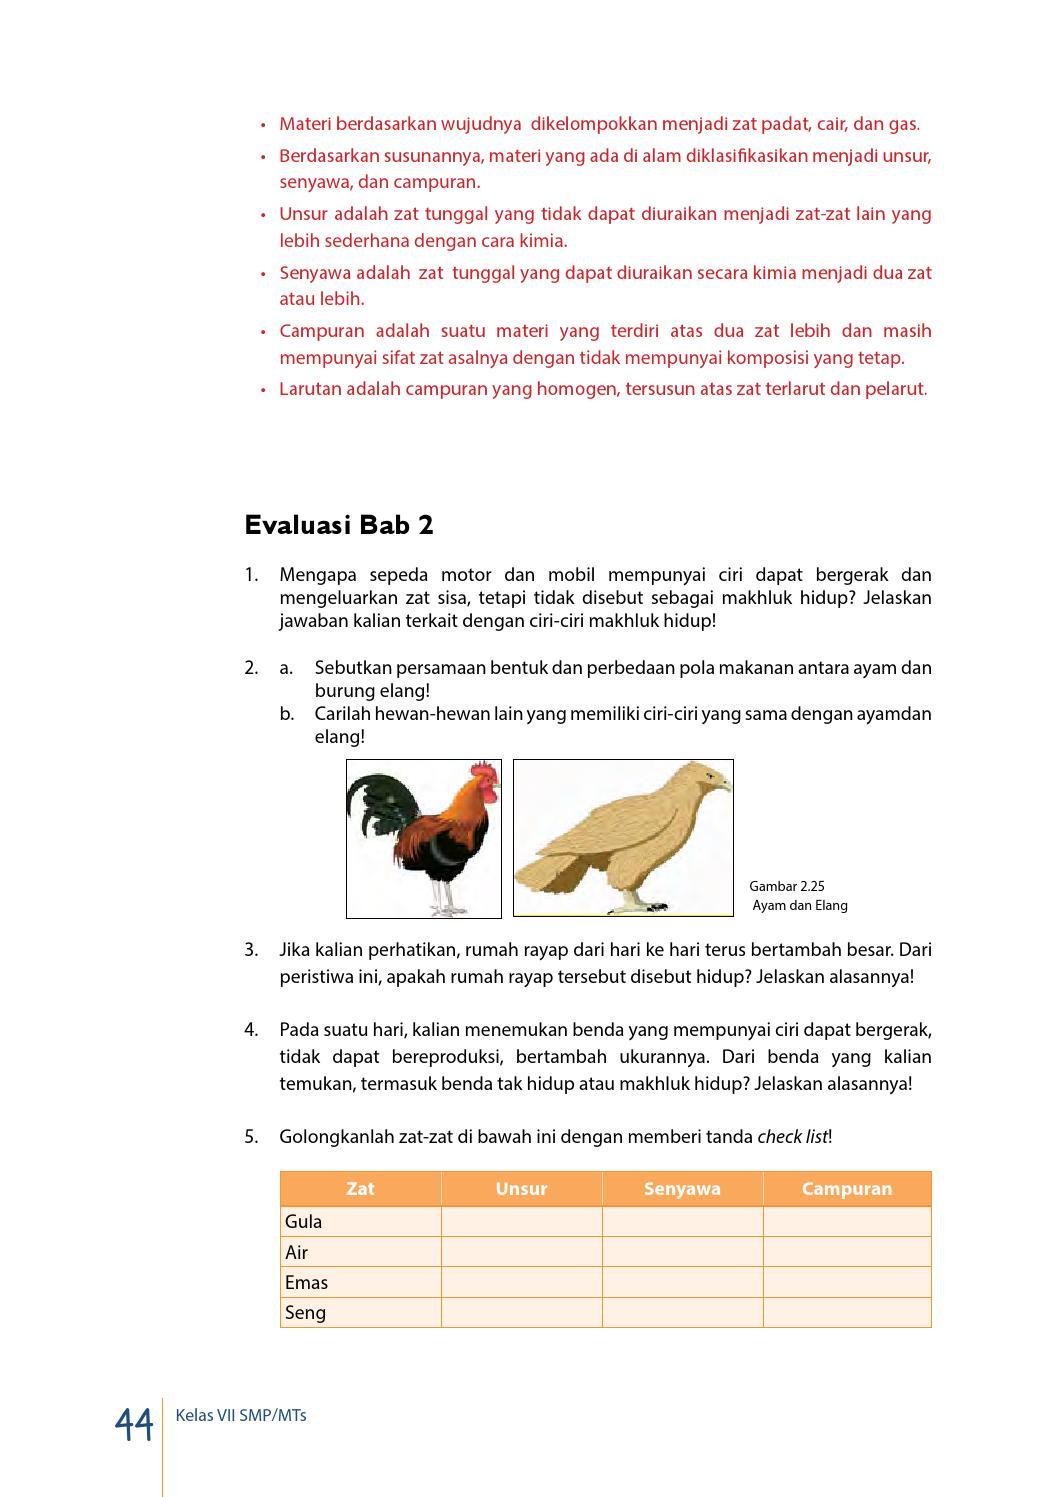 Sebutkan Persamaan Bentuk Dan Perbedaan Pola Makan Antara Ayam Dan Burung Elang : sebutkan, persamaan, bentuk, perbedaan, makan, antara, burung, elang, Kelas, Siswa, Mandalahurip, Issuu